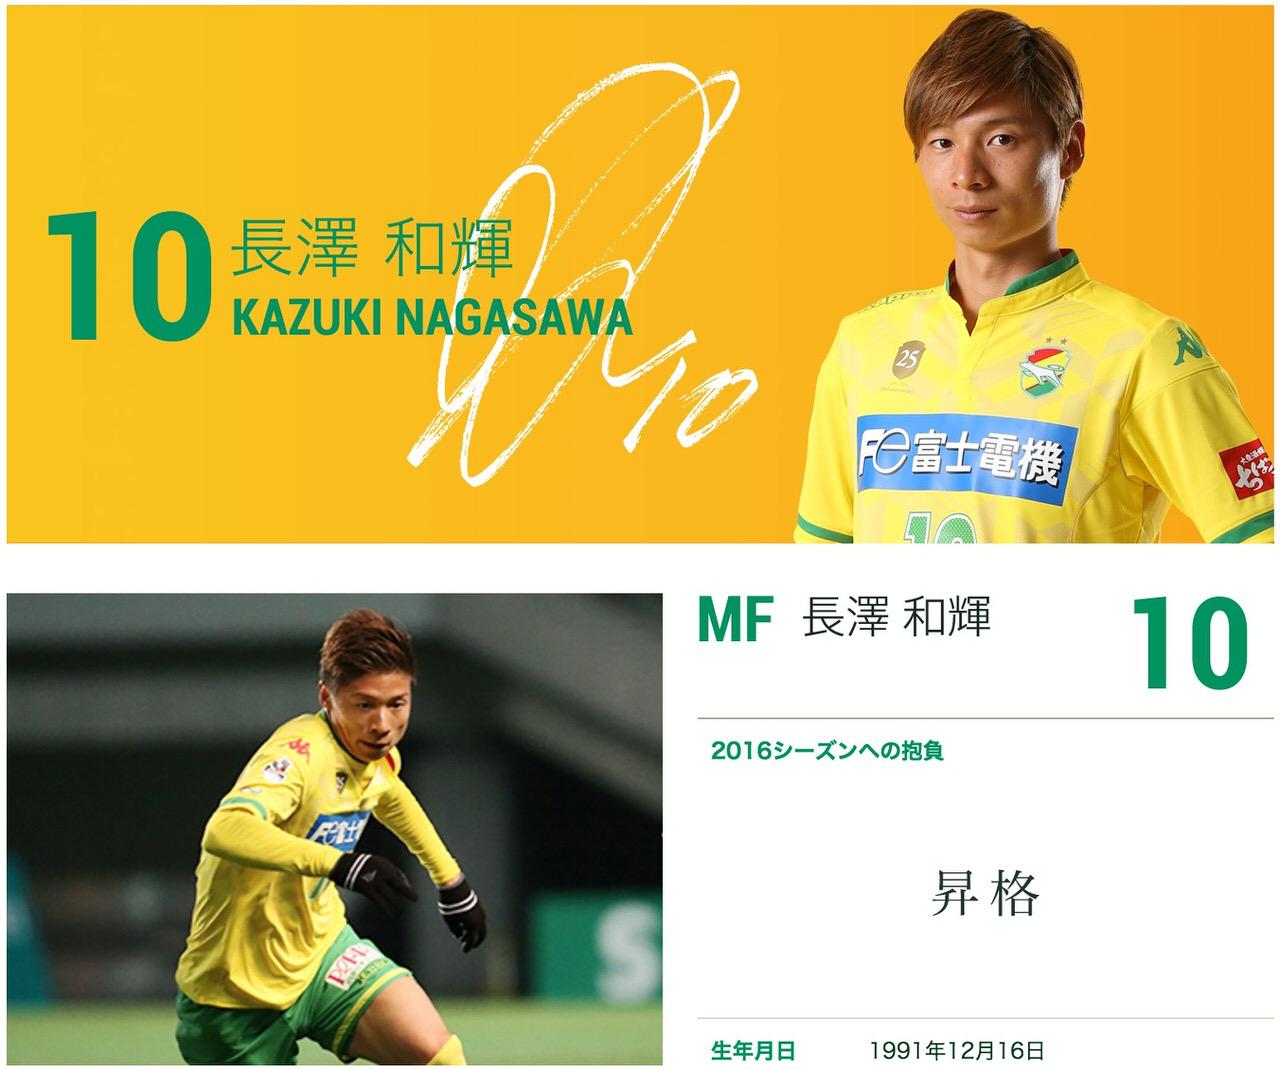 浦和レッズ、長澤和輝のジェフ千葉への期限付き移籍からの復帰を発表